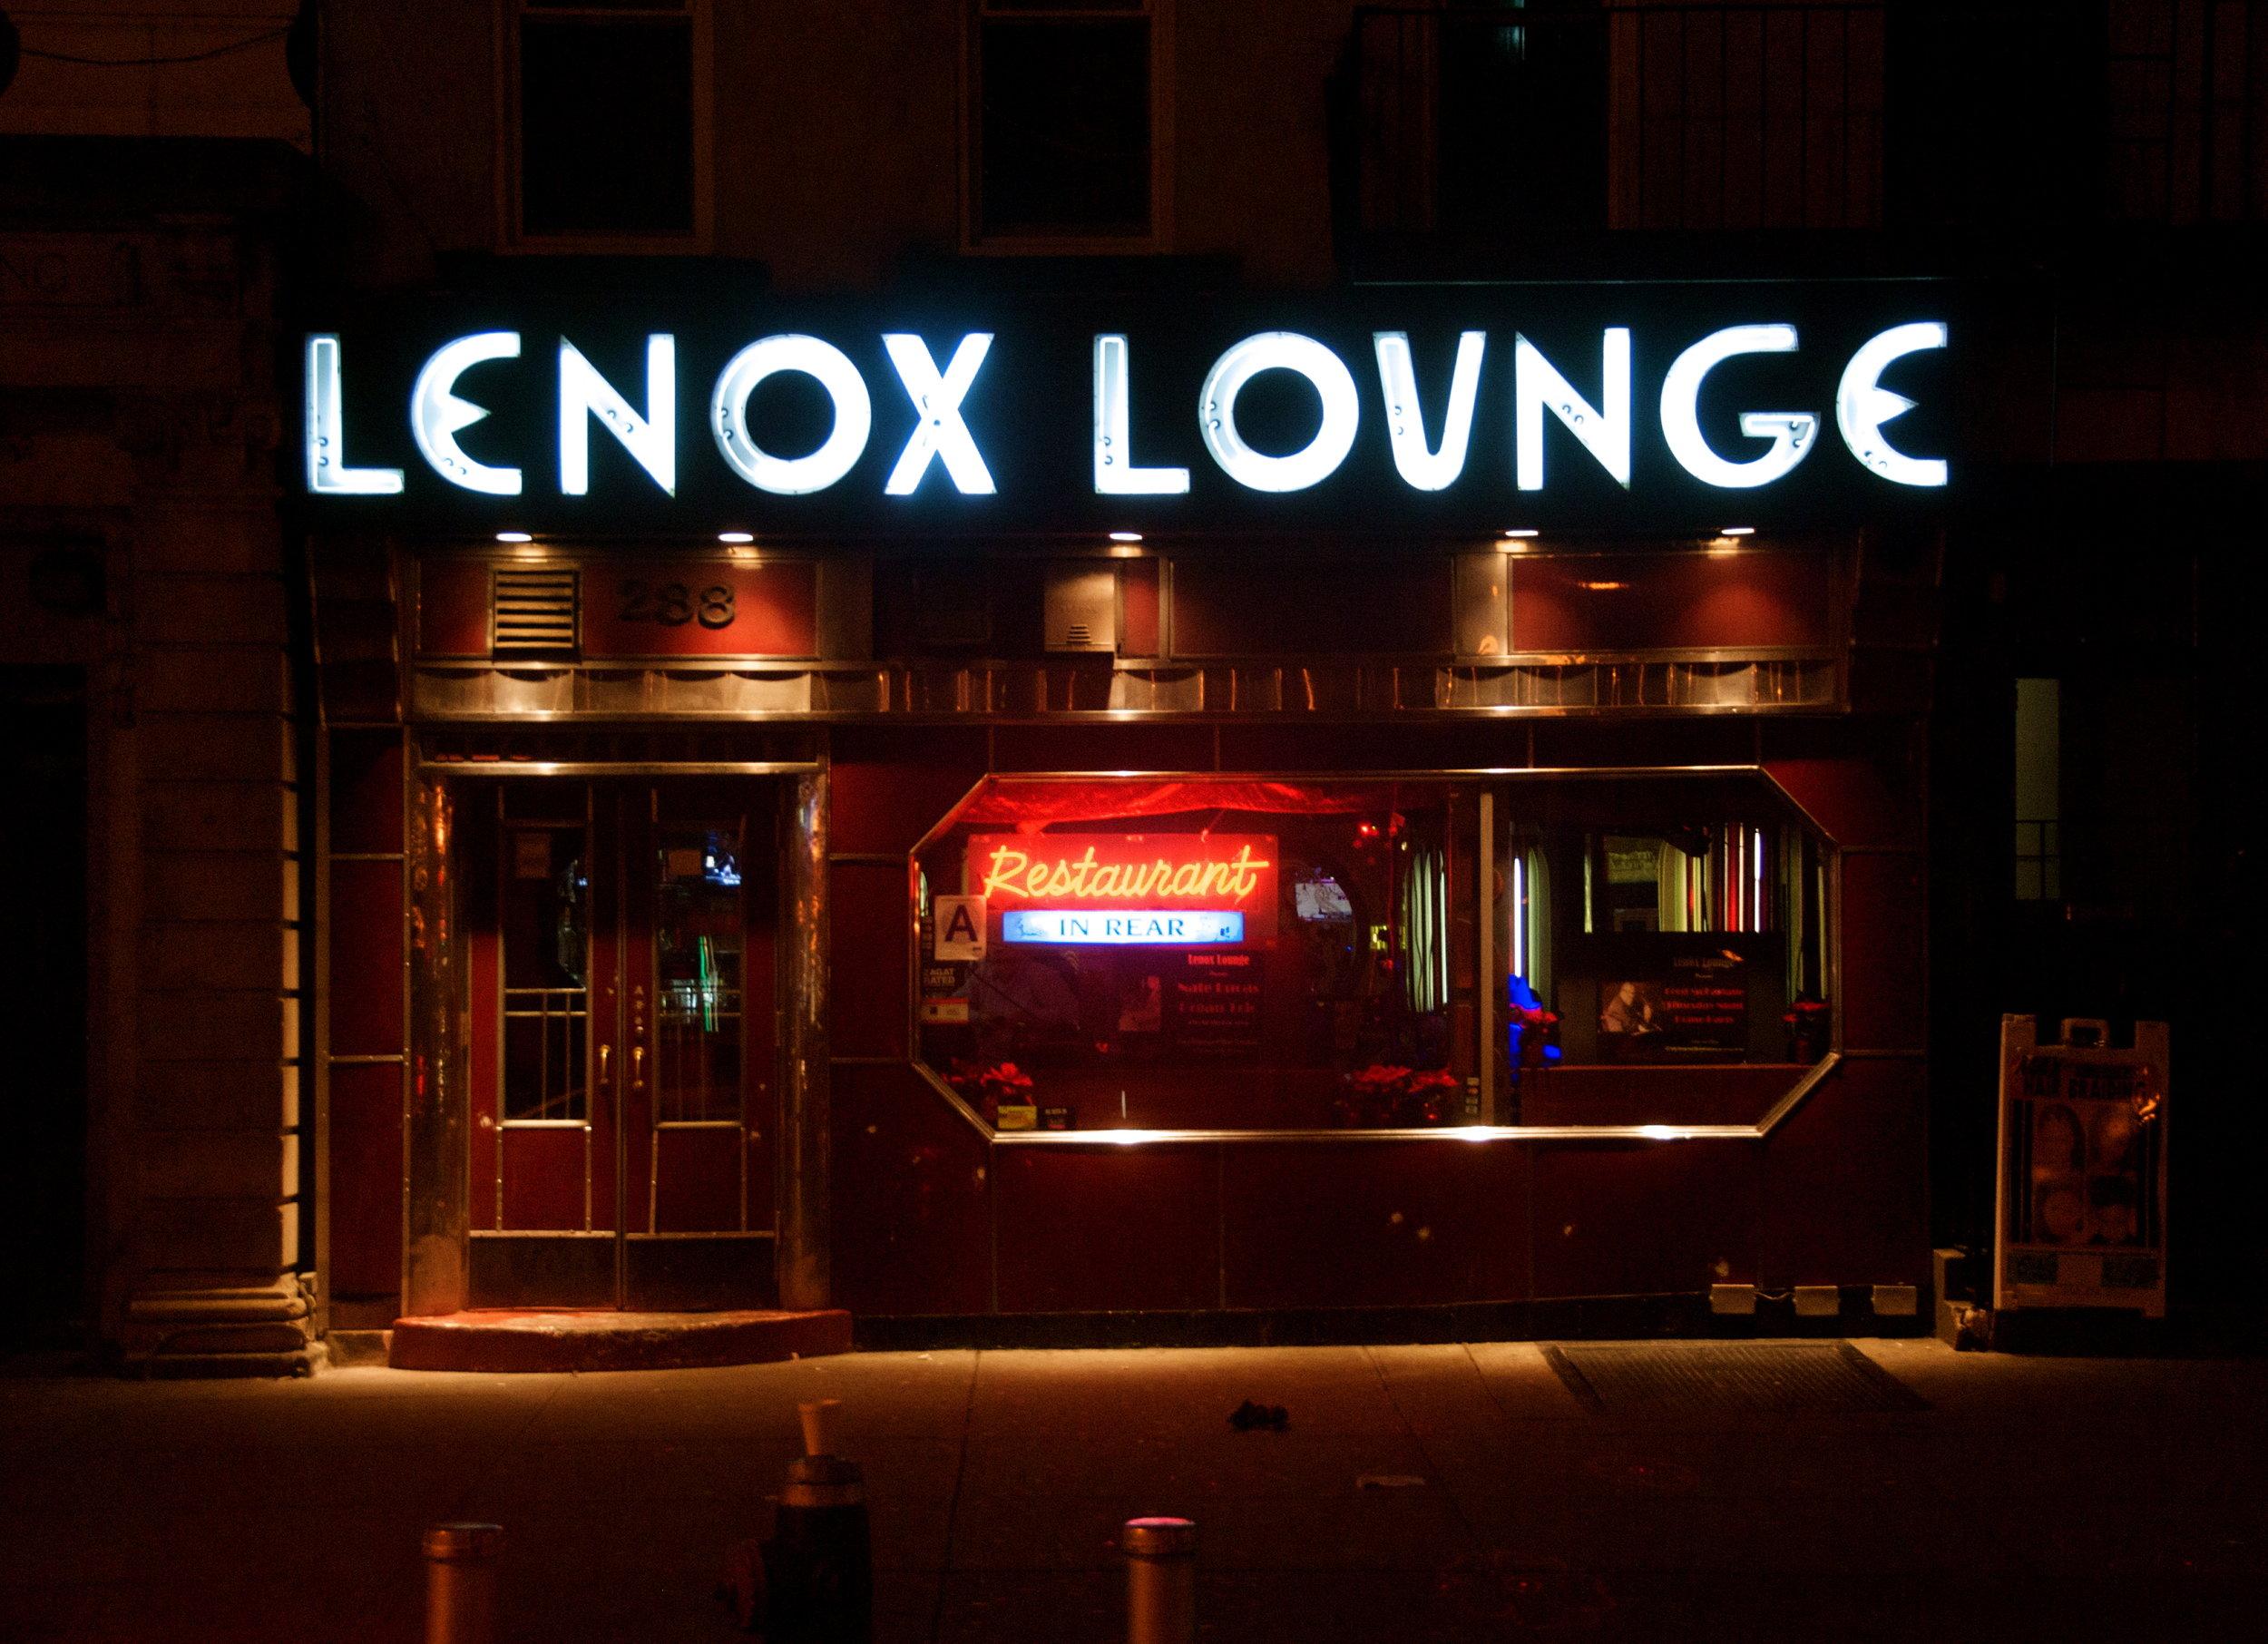 lenoxlounge.jpg